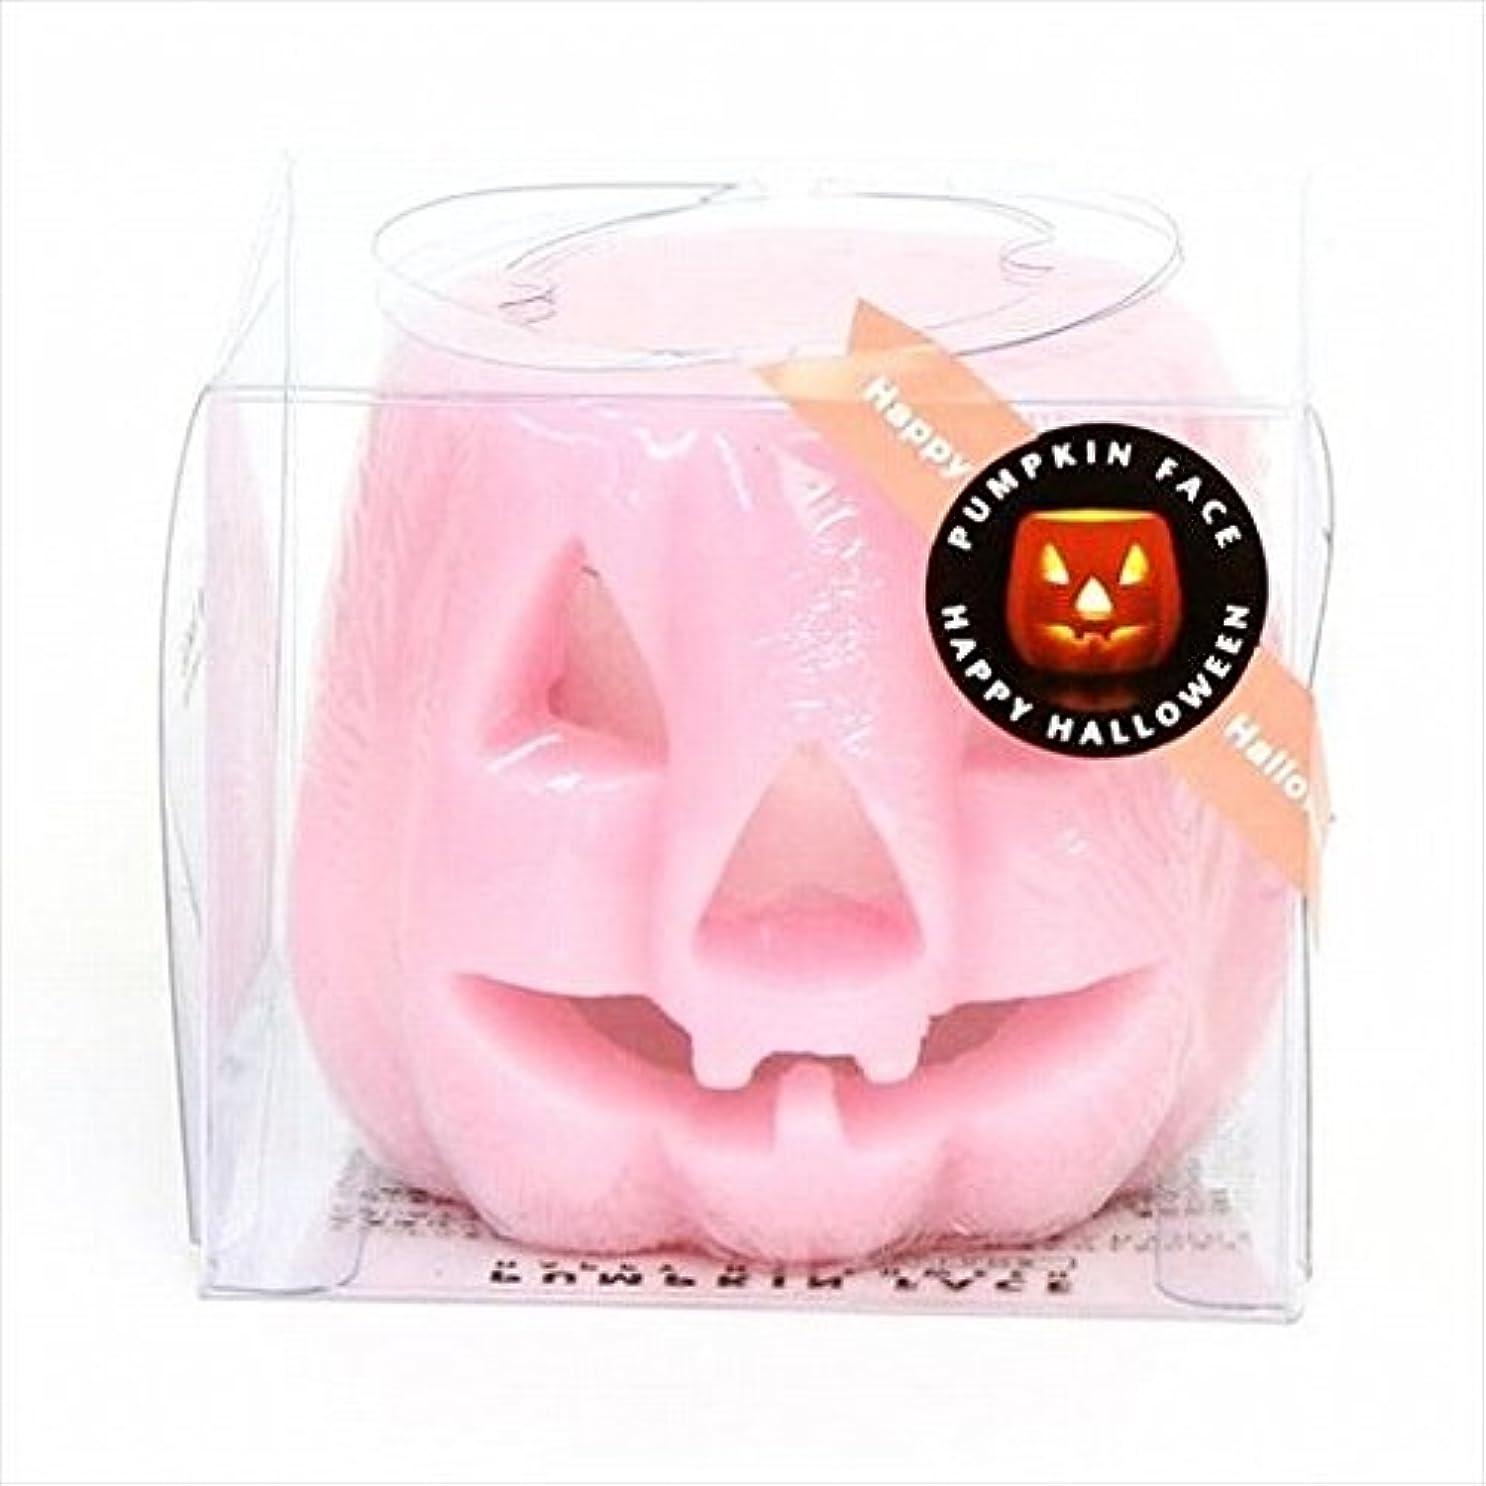 順応性のある気分が悪い器具kameyama candle(カメヤマキャンドル) パンプキンフェイスG 「 ピンク 」(A9280010PK)